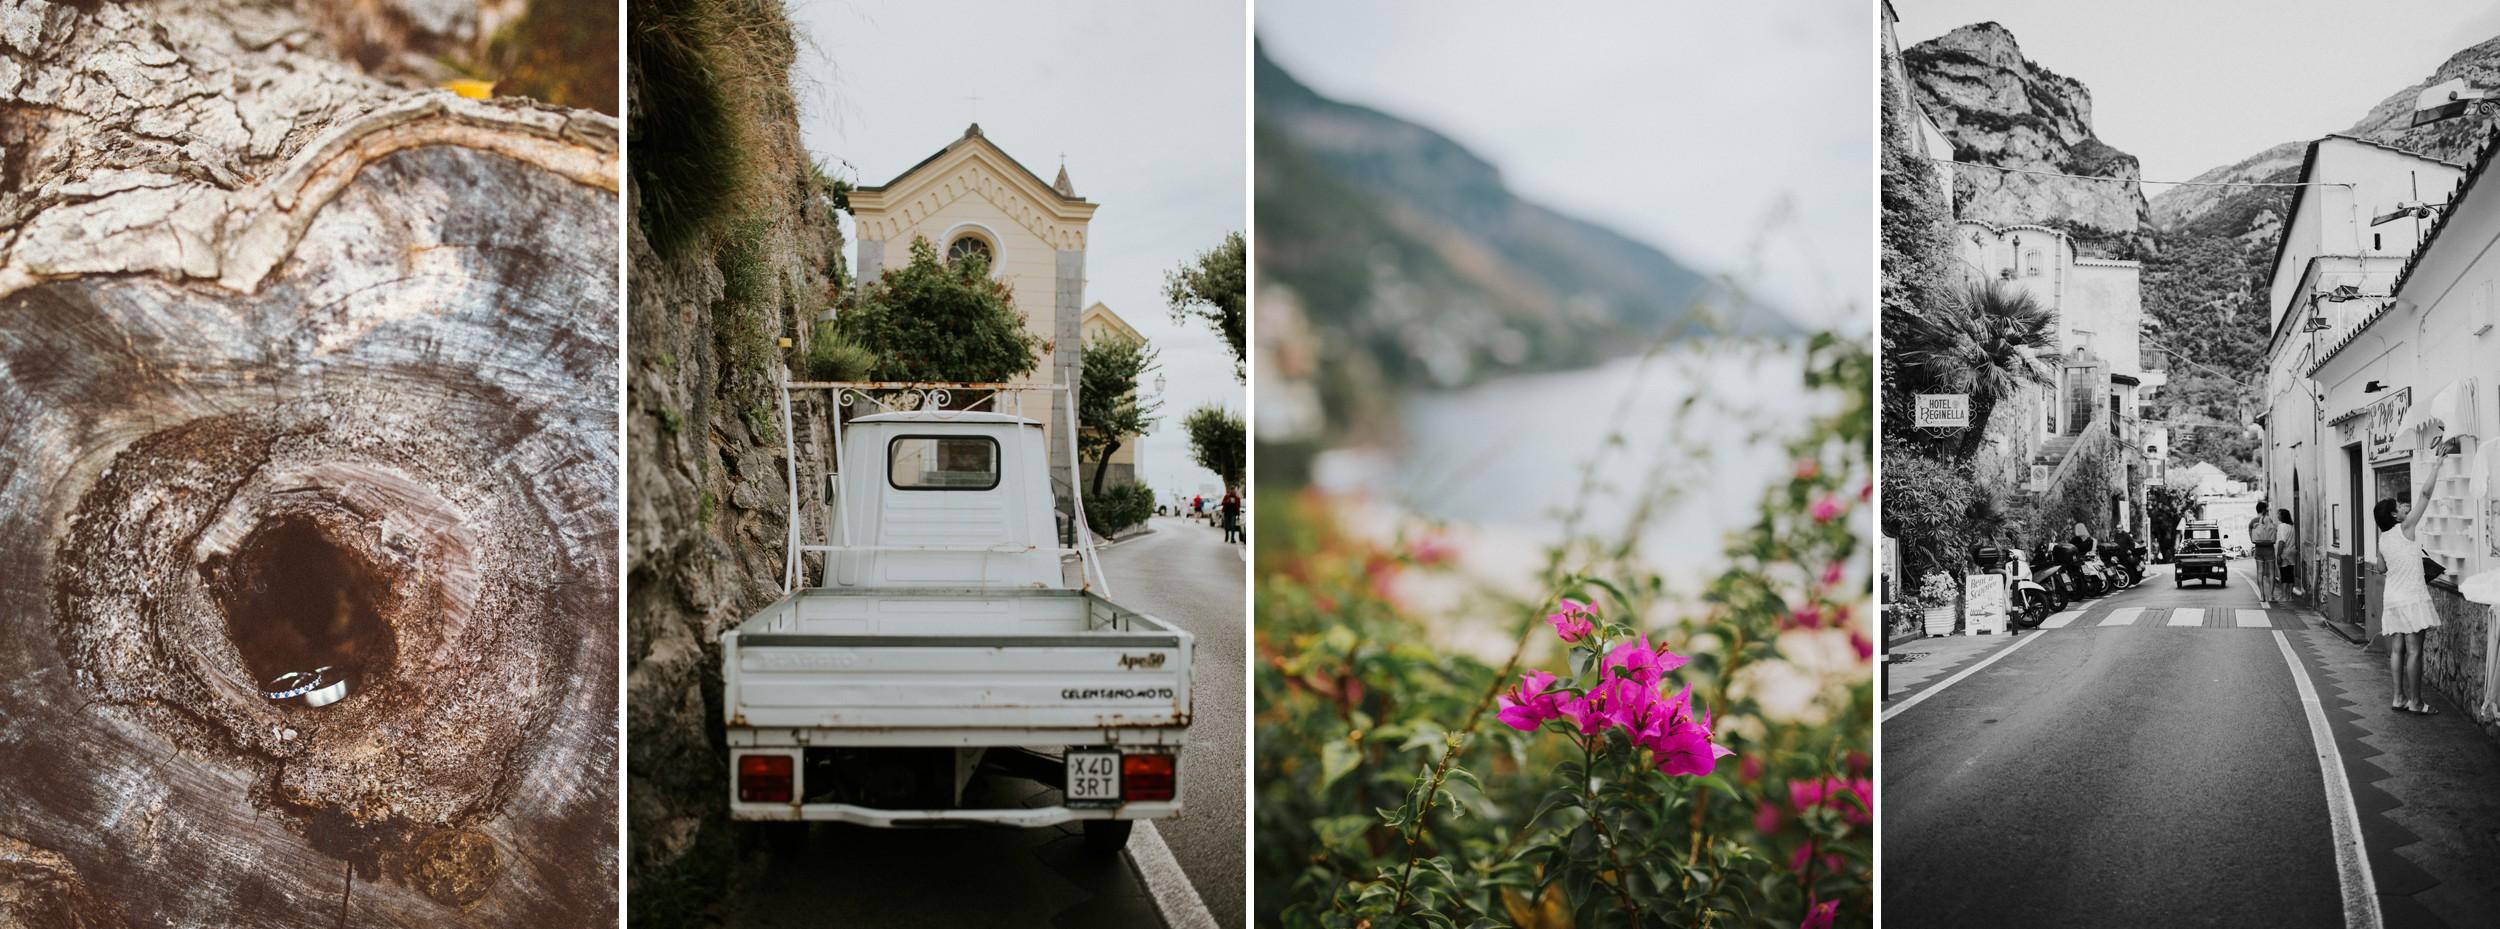 Positano, Italy 2016 Sarah Swain Photography